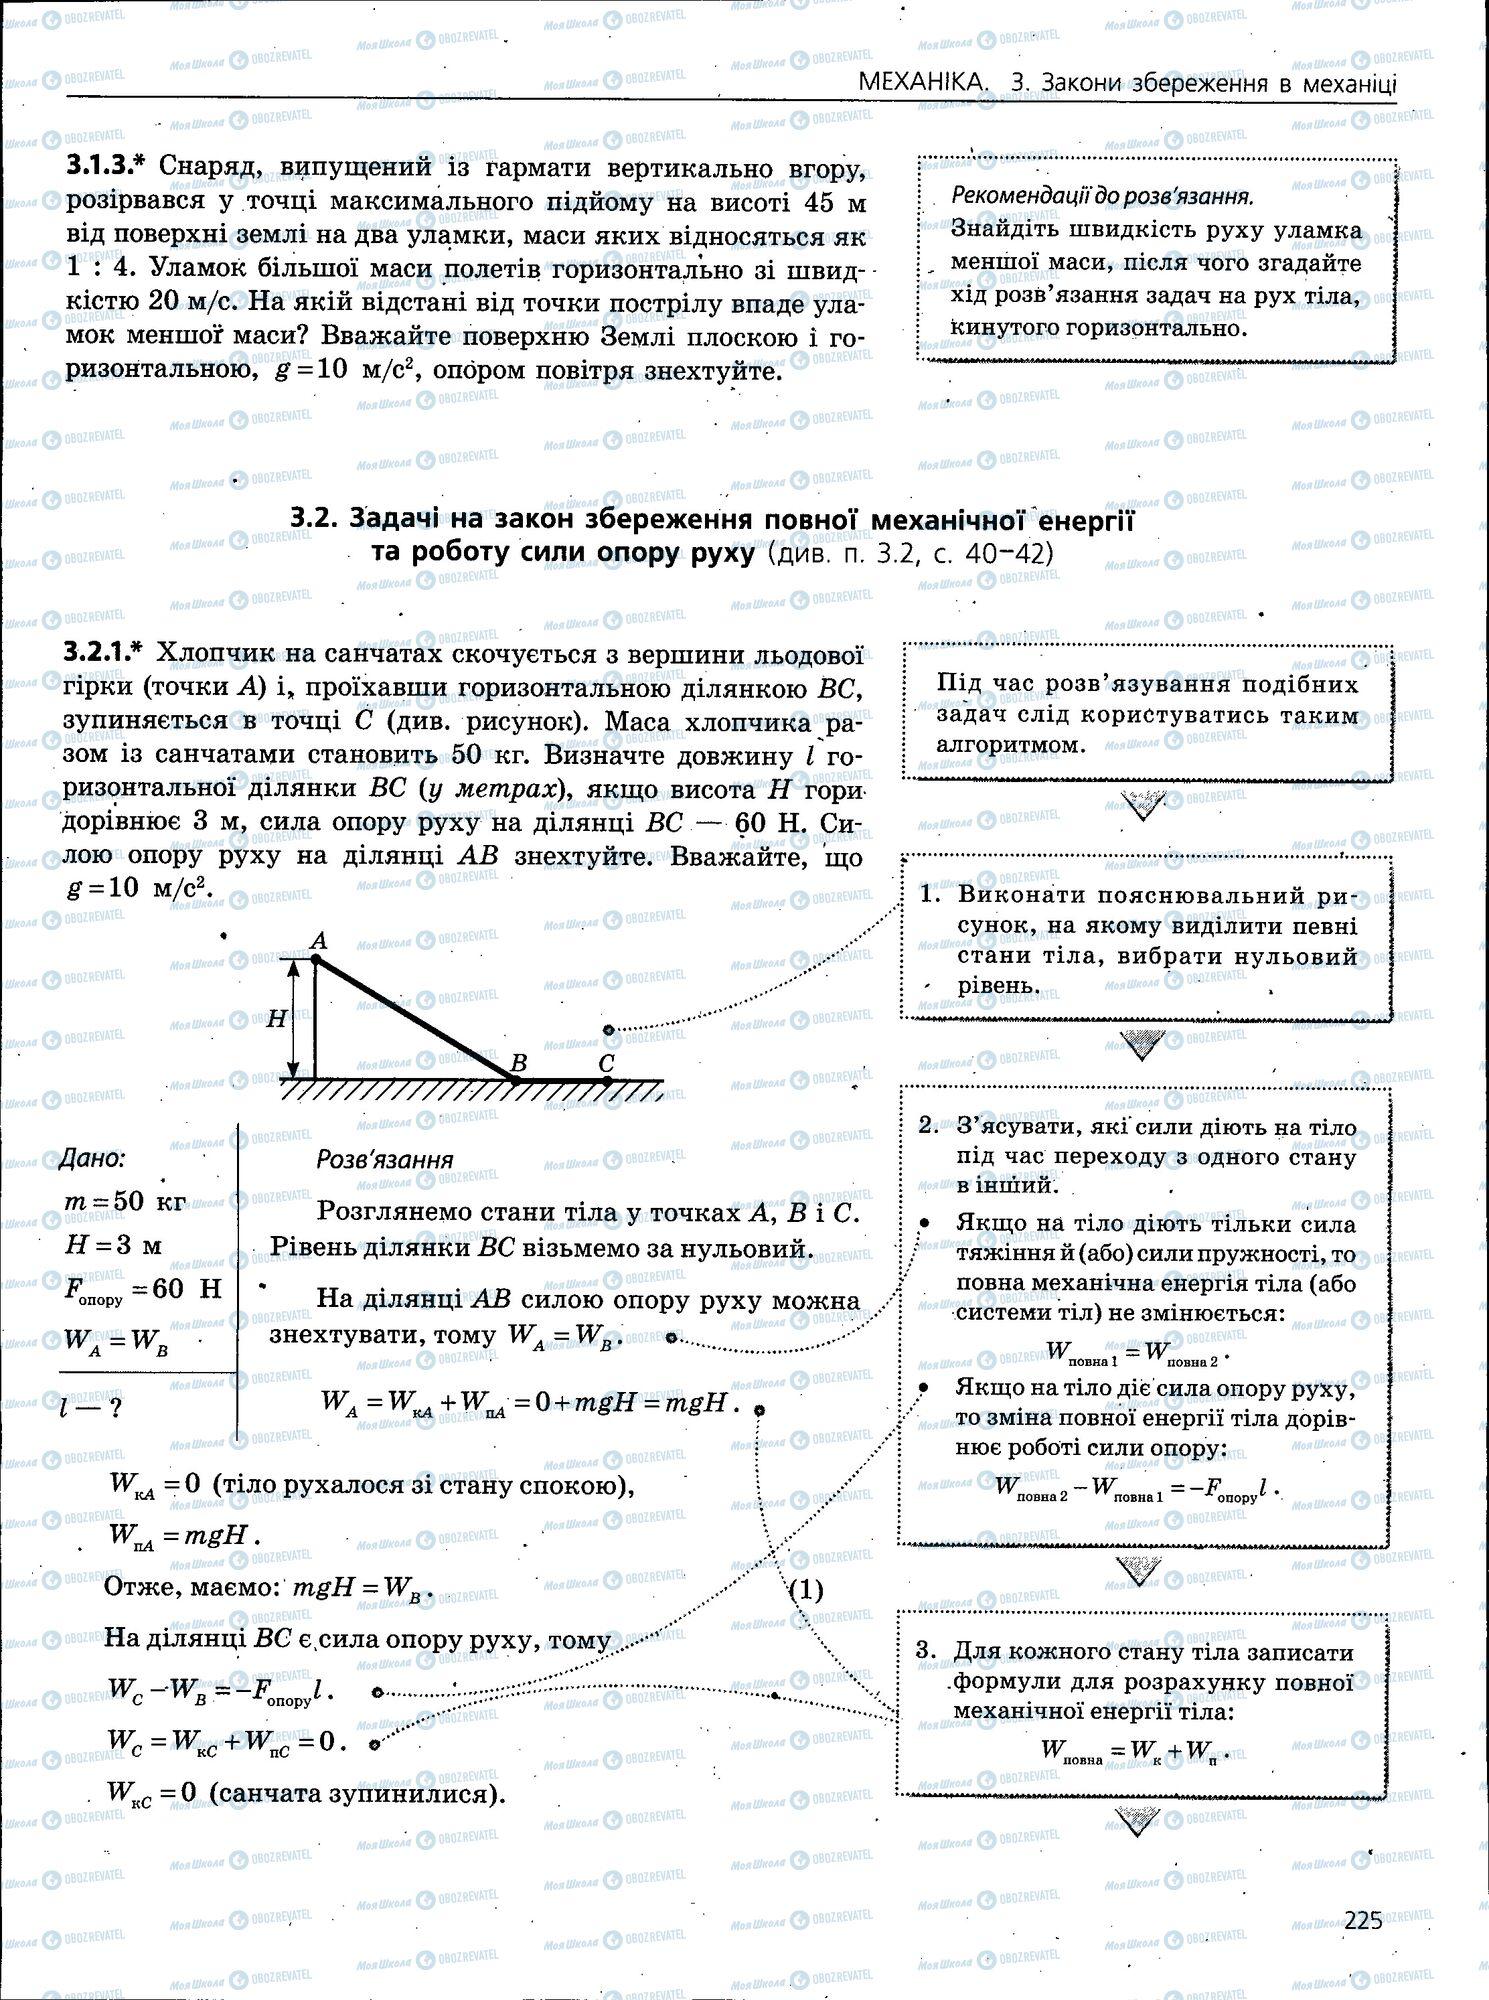 ЗНО Физика 11 класс страница 225